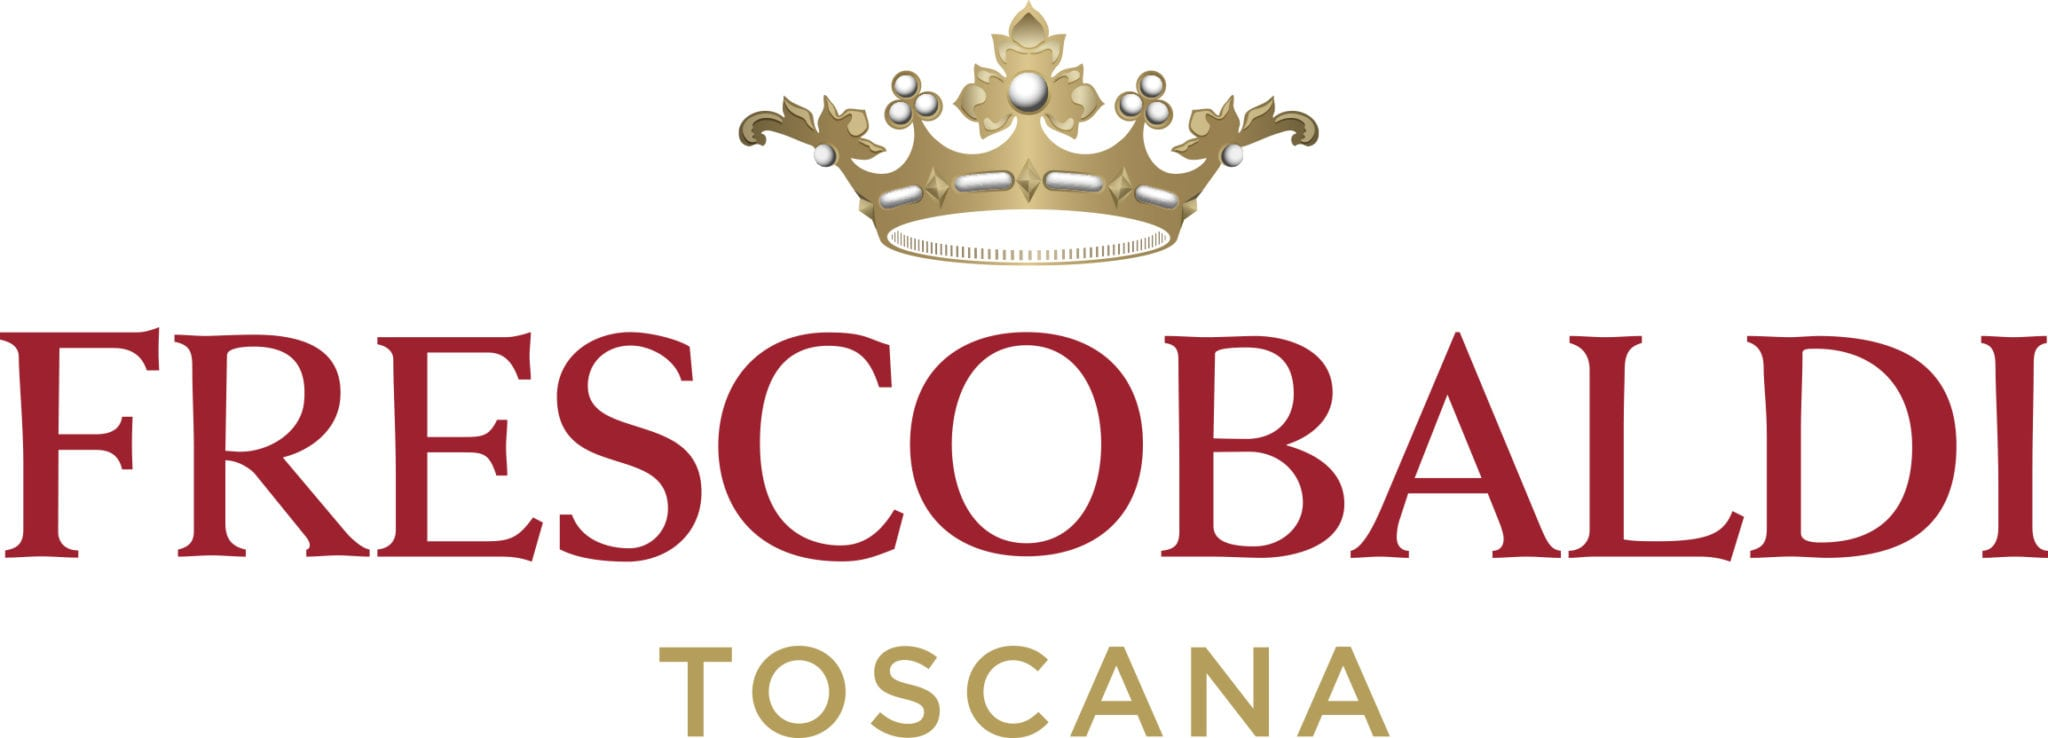 Die edlen Weine von Frescobaldi stammen aus den bekannten Weingütern der Familie Fresobaldi in der Toskana.